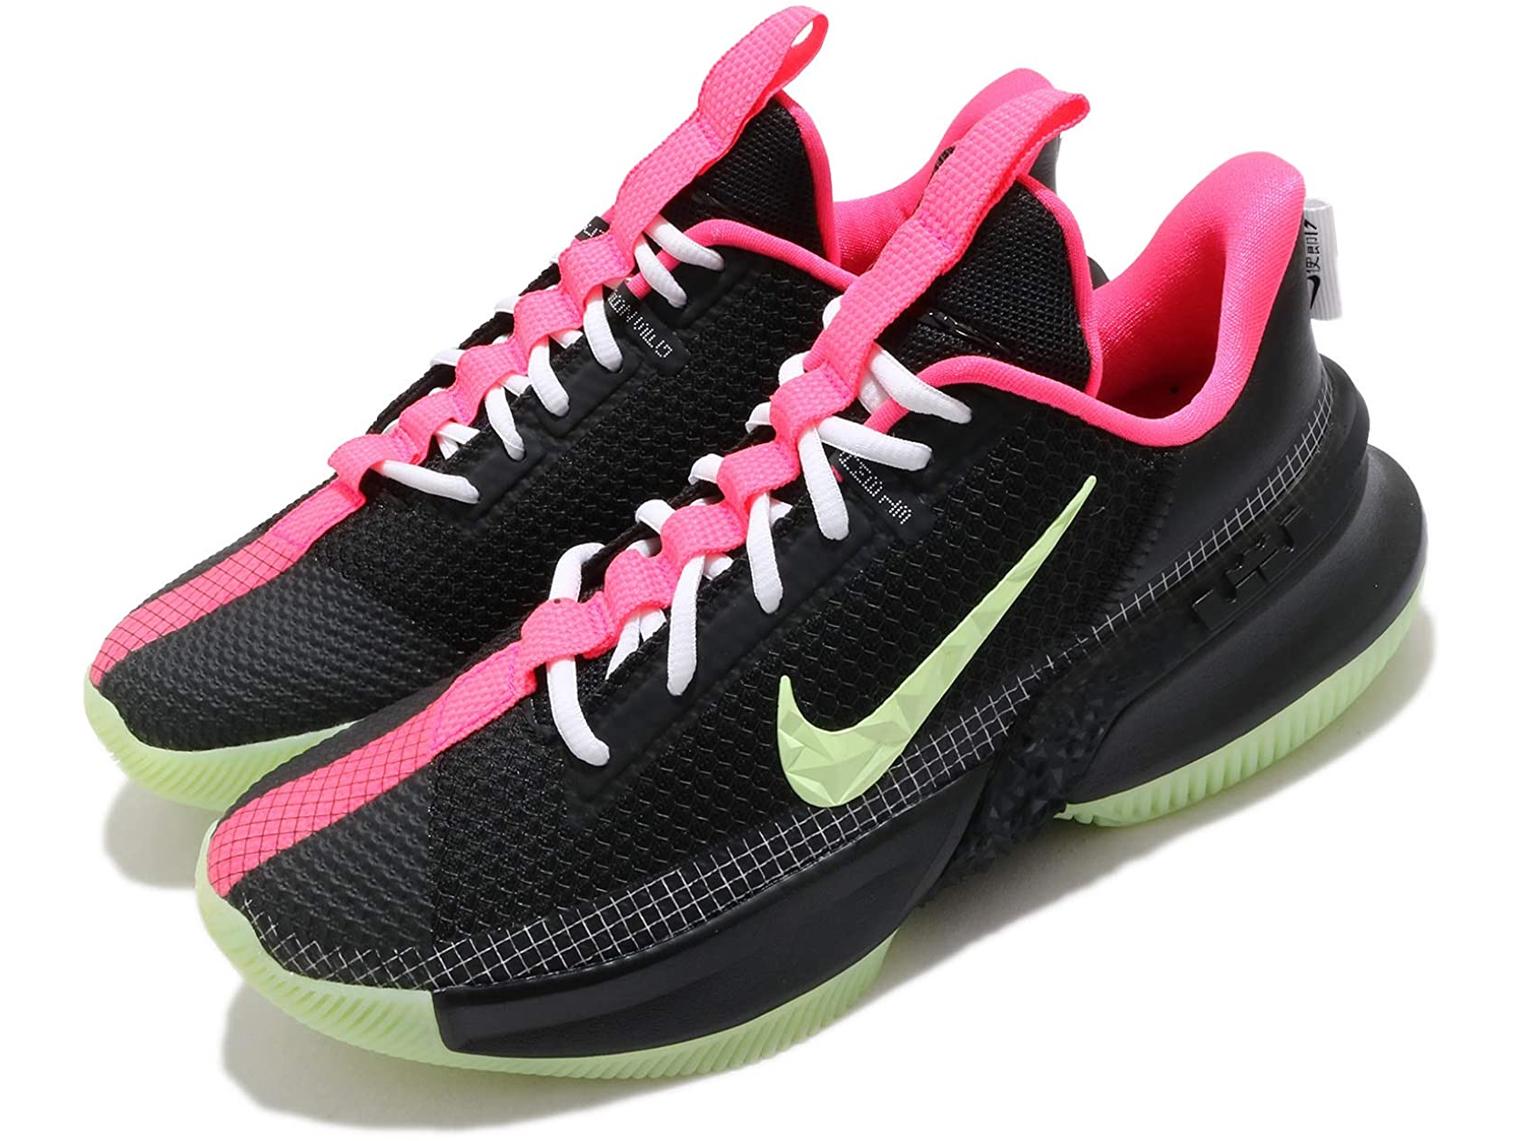 日本未発売 メンズシューズXDRソールです 送料込みサービス NIKE 人気急上昇 AMBASSADOR XIIIナイキ アンバサダー 2020新作 XIII 13 BARELY PINK シューズBLACK バスケットボール メンズ 21-01-0219#70 VOLT-HYPER